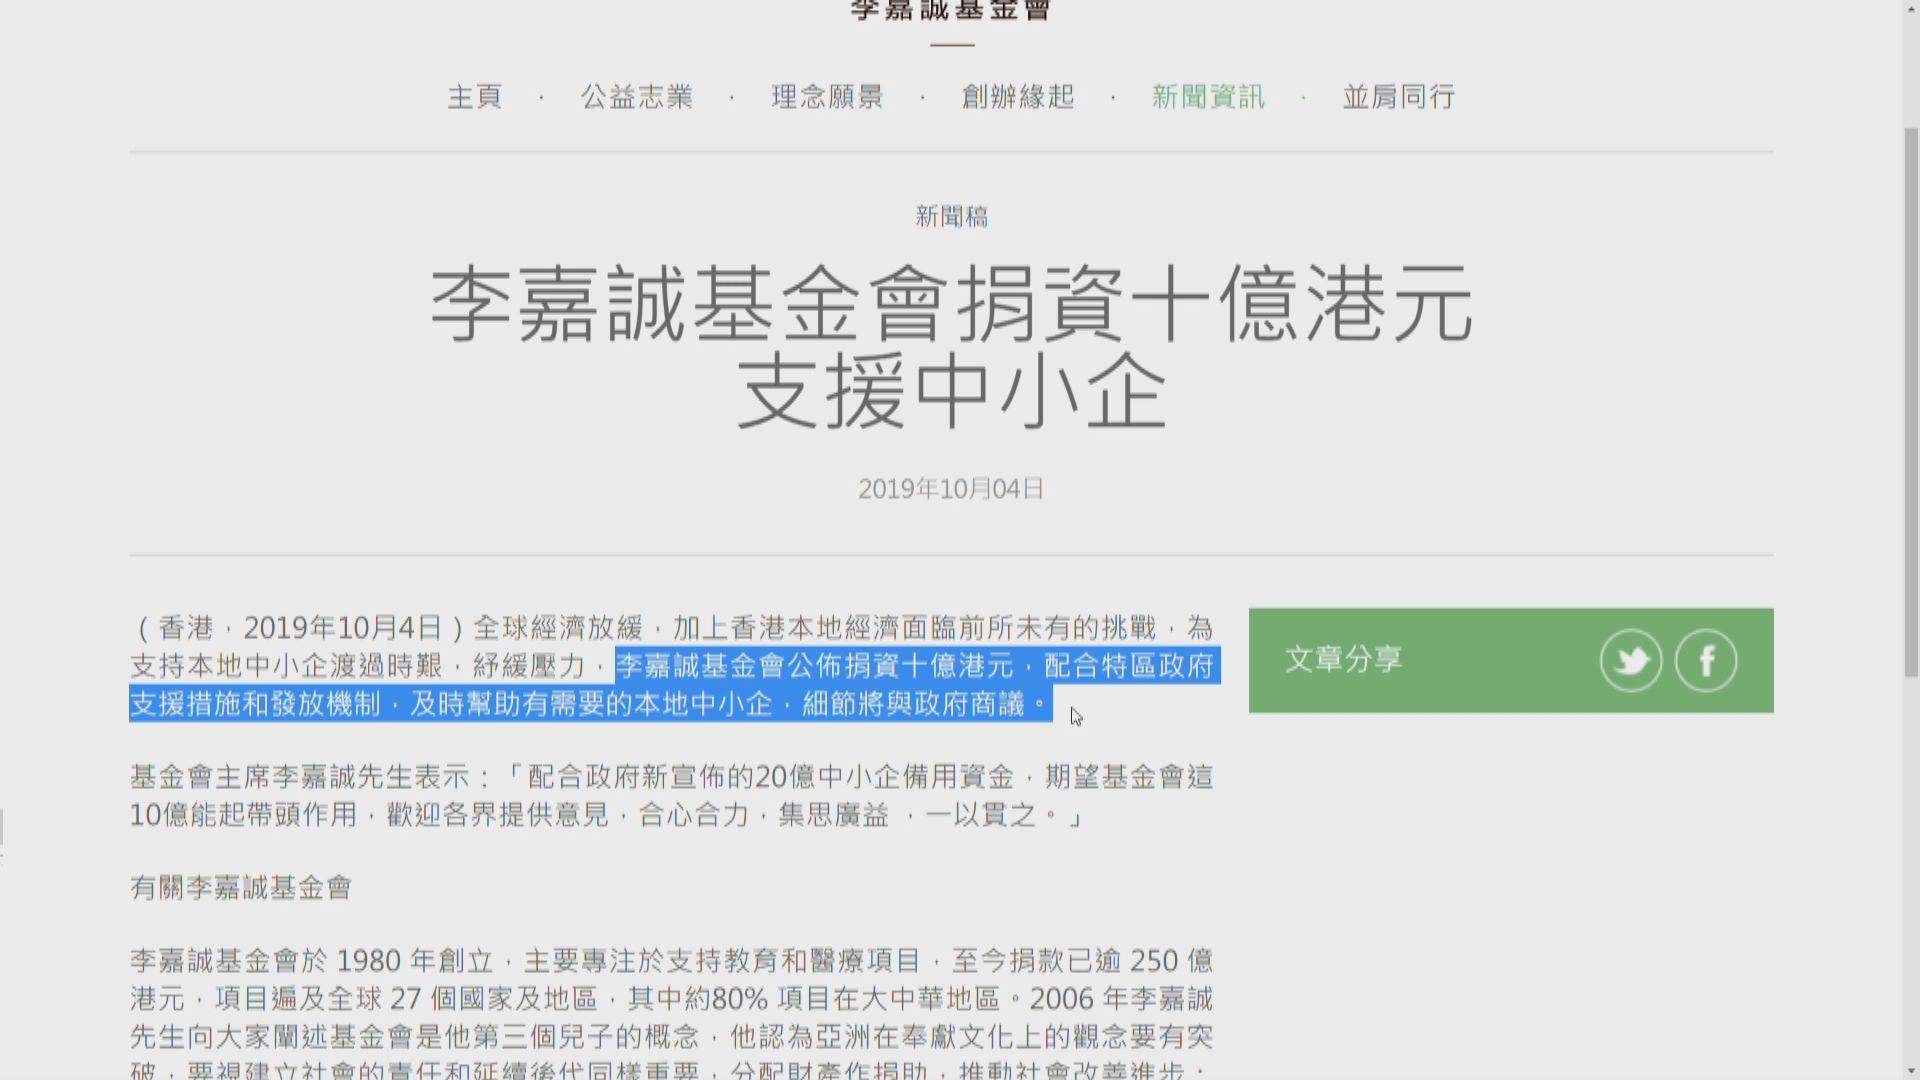 李嘉誠基金會捐資十億元支援中小企